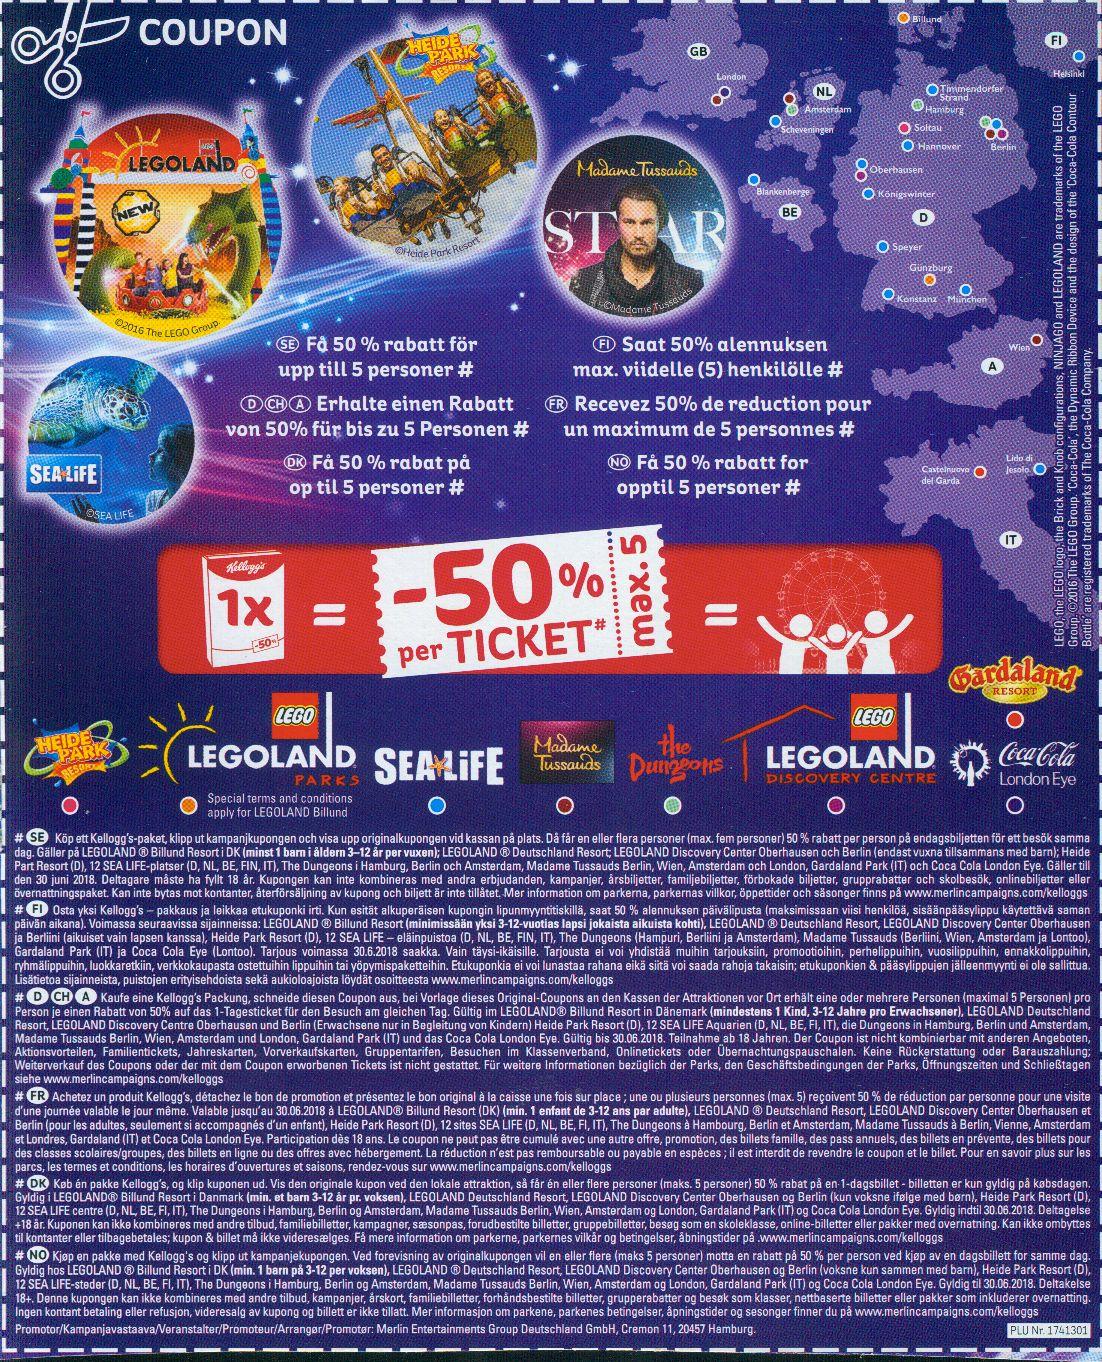 - 50 % für 5 Personen Heidepark, Sealife, Legoland und andere